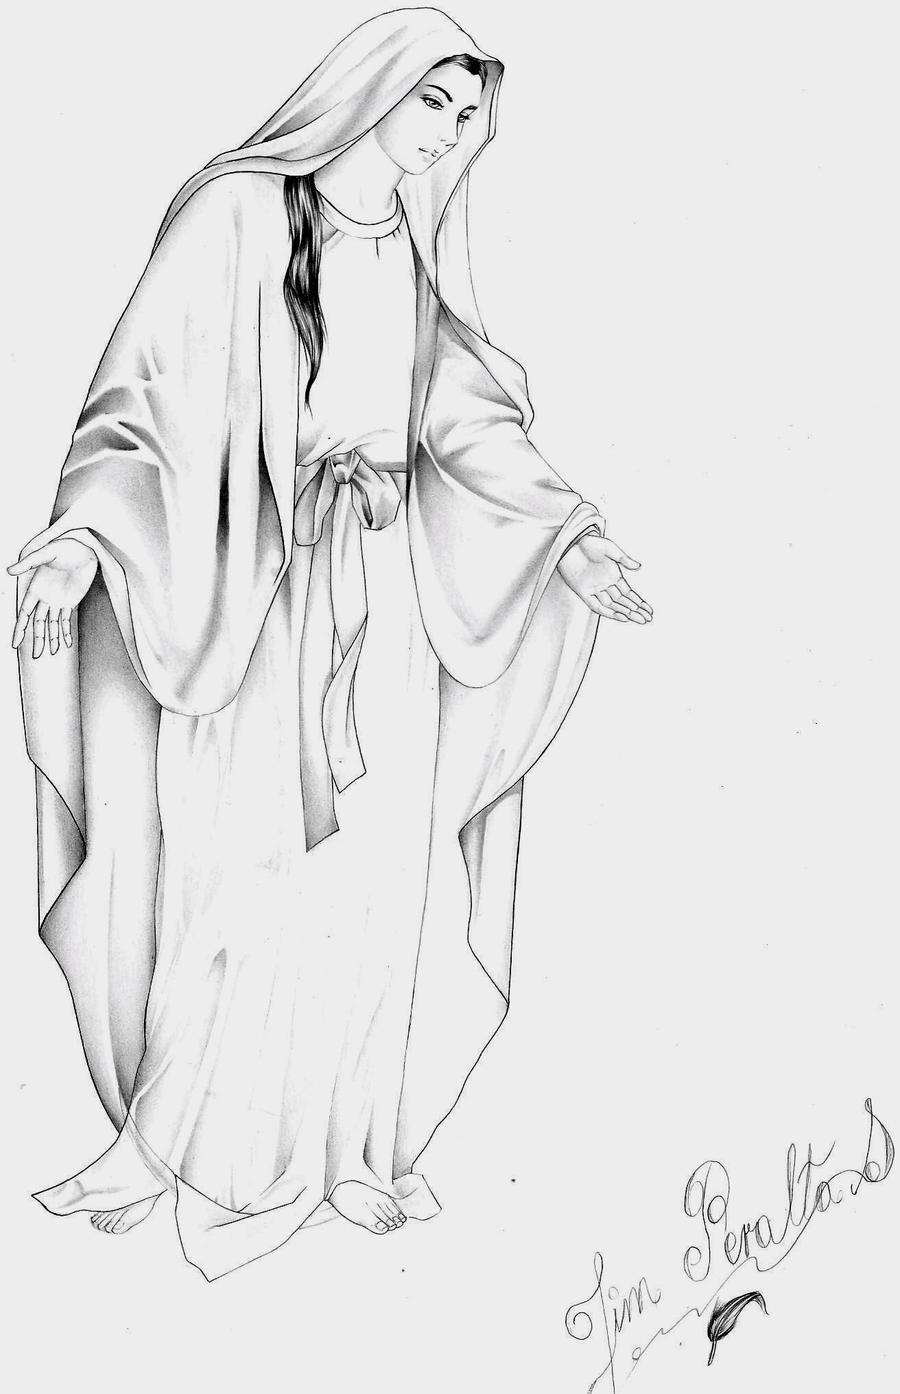 Dibujos a lápiz de la Virgen María - Imagui